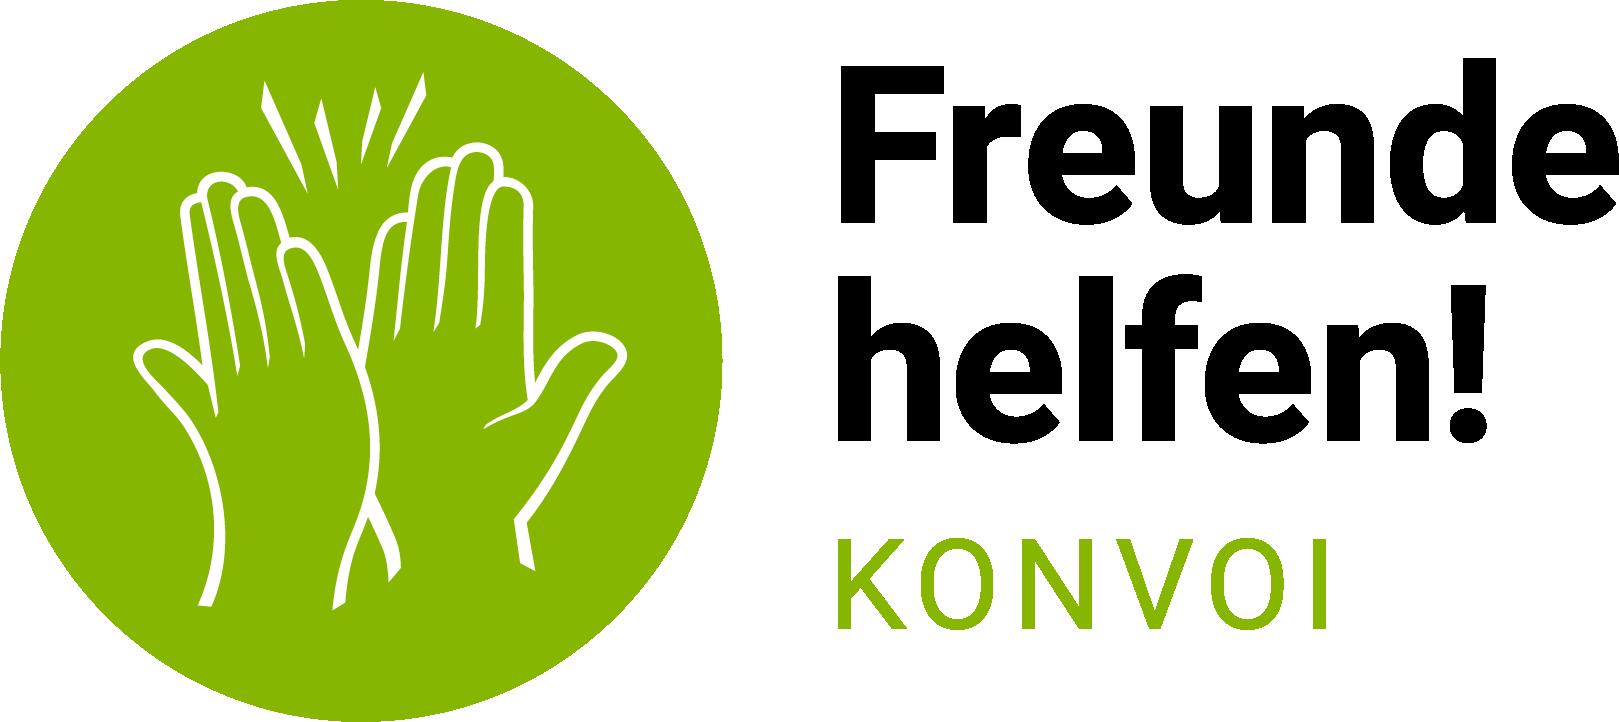 Seit vielen Jahren bringen wir Hilfsmittel nach Bulgarien, Moldawien, Rumänien und in die Ukraine.